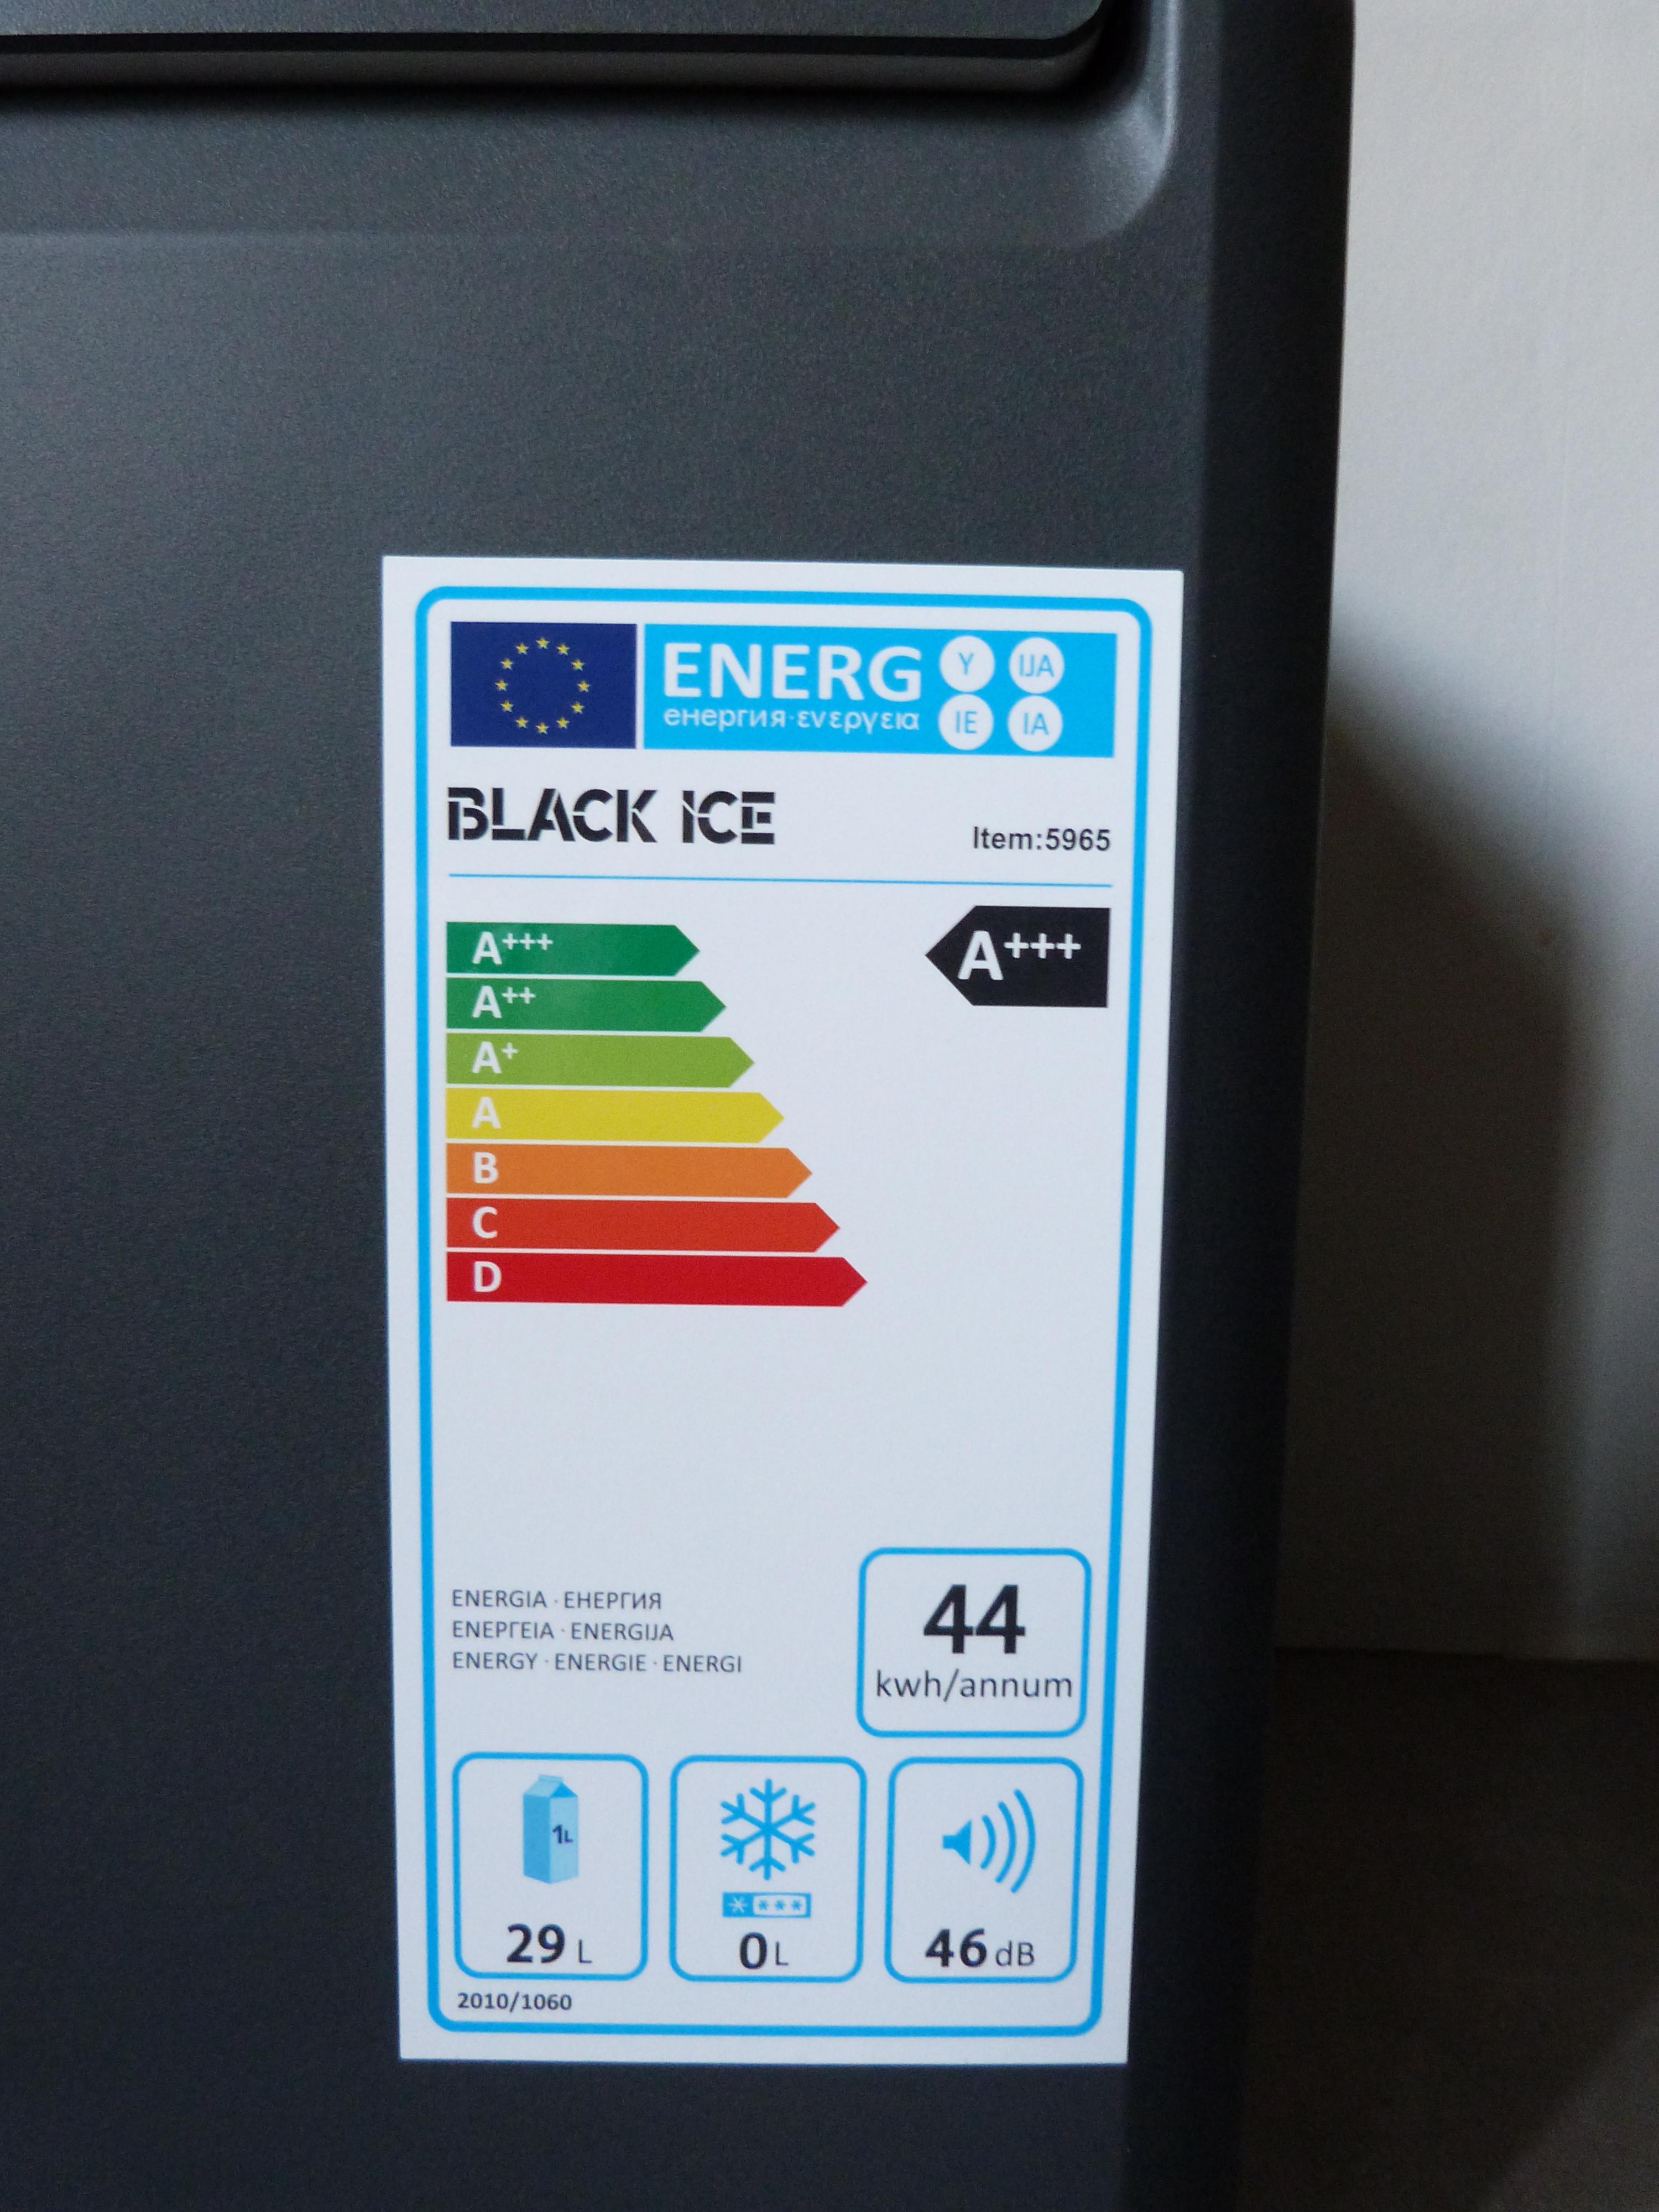 Glacière BLACK ICE 5965 connaissances d'experts